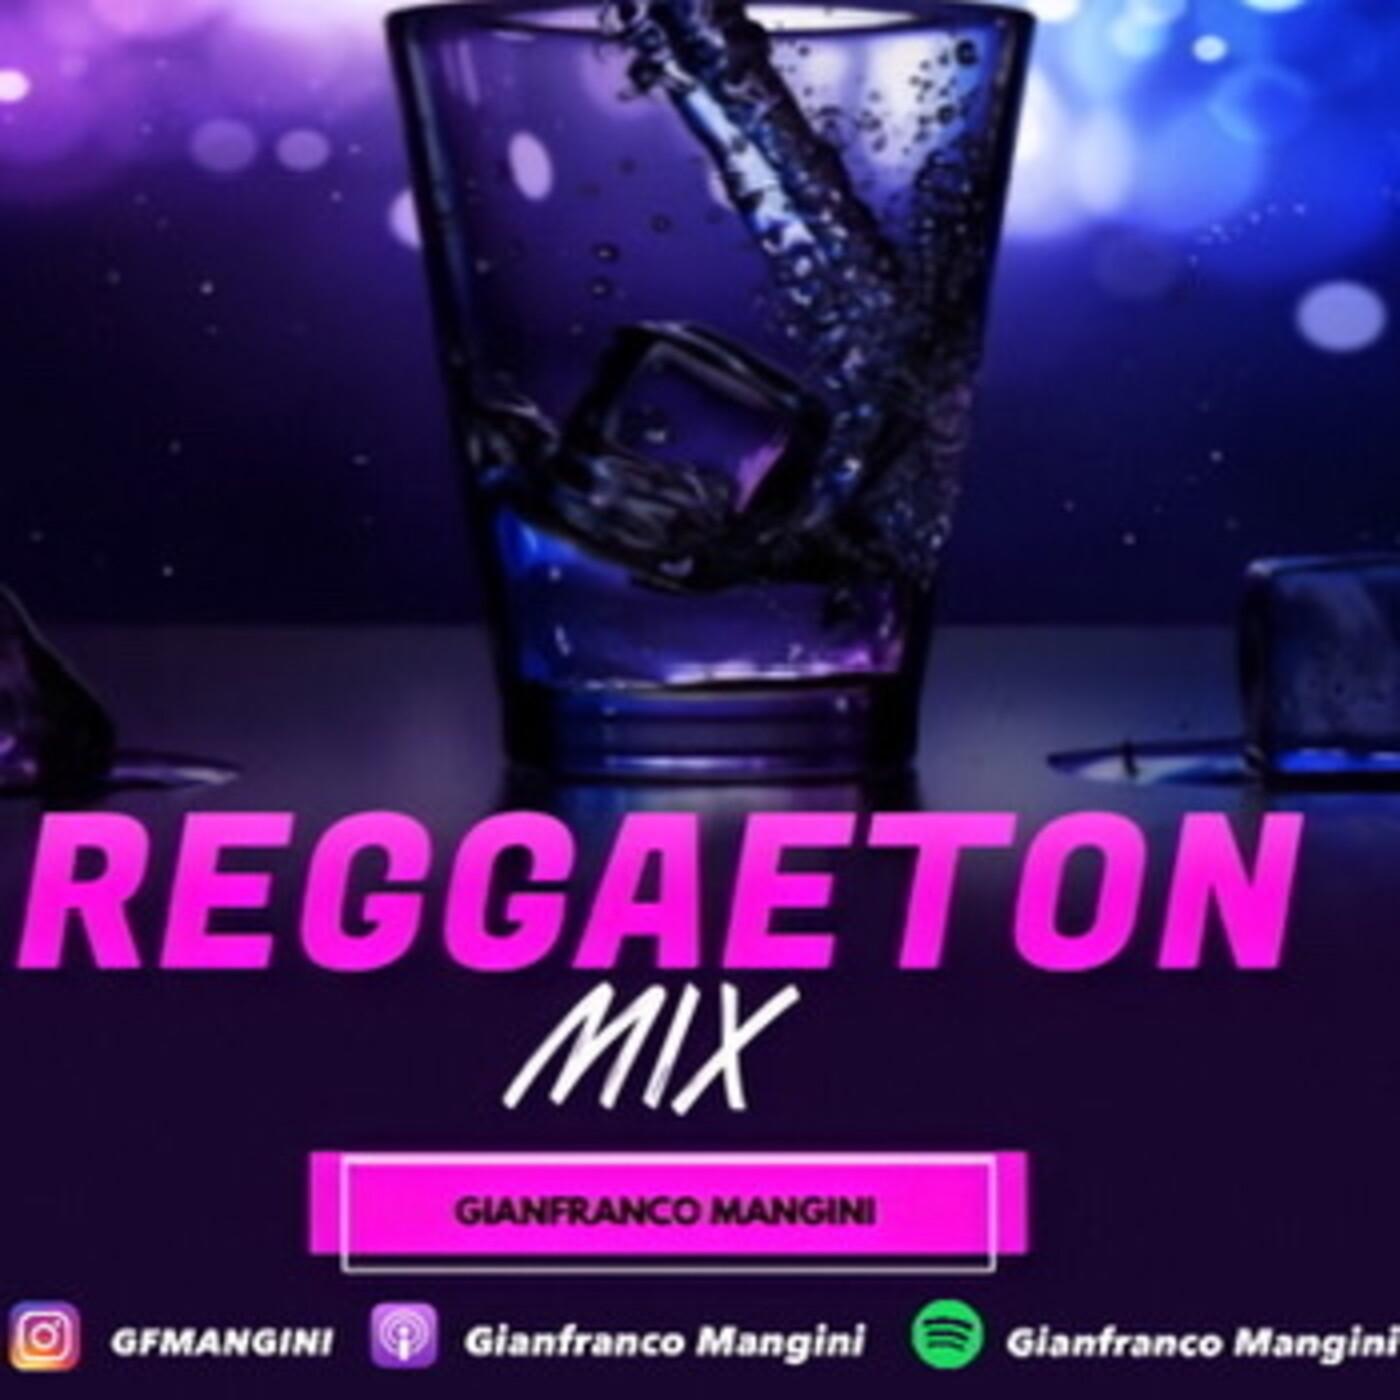 La previa reggaeton verano 2020